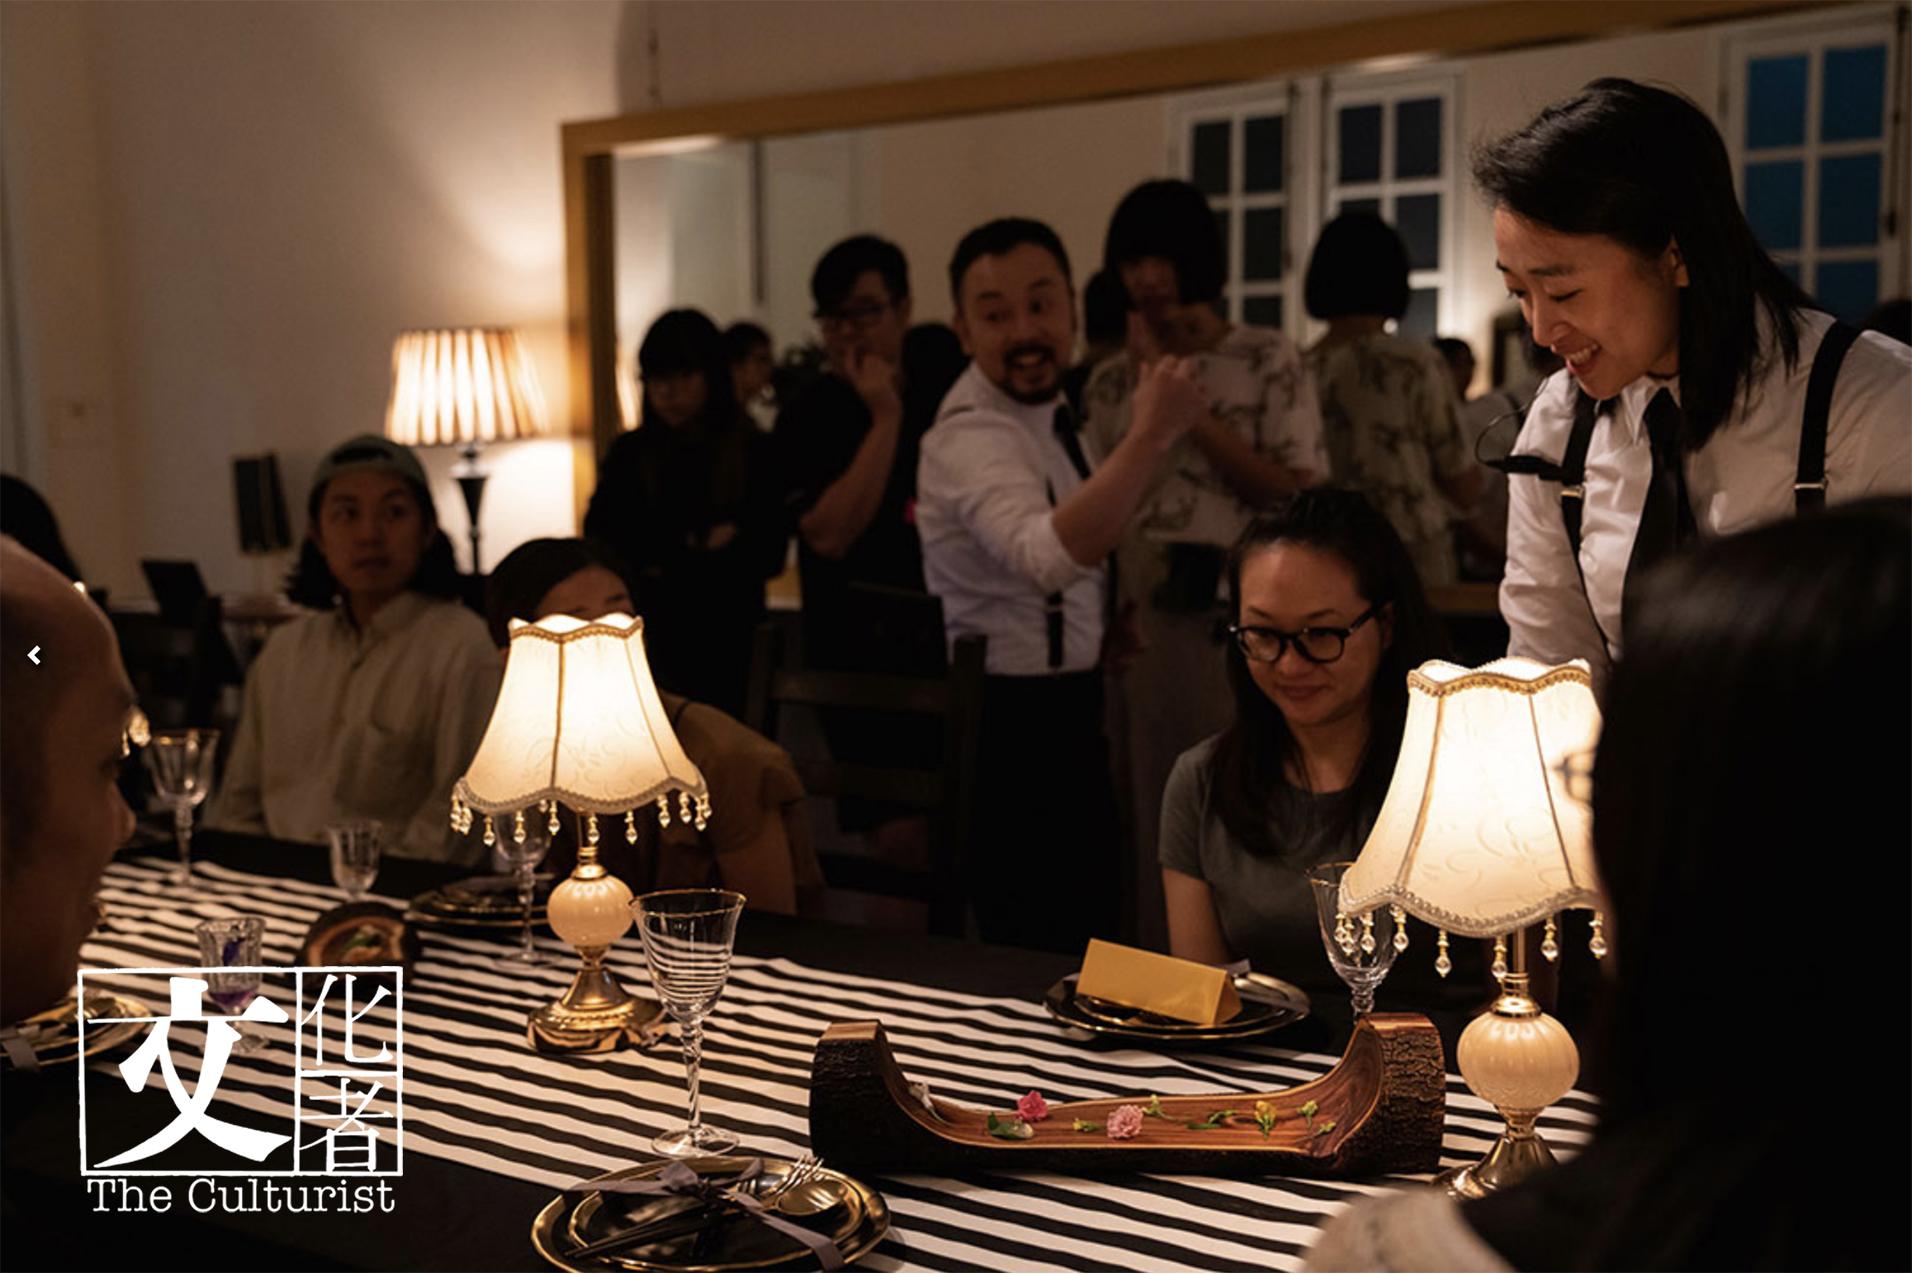 005-在餐廳場景享用難分真假的料理